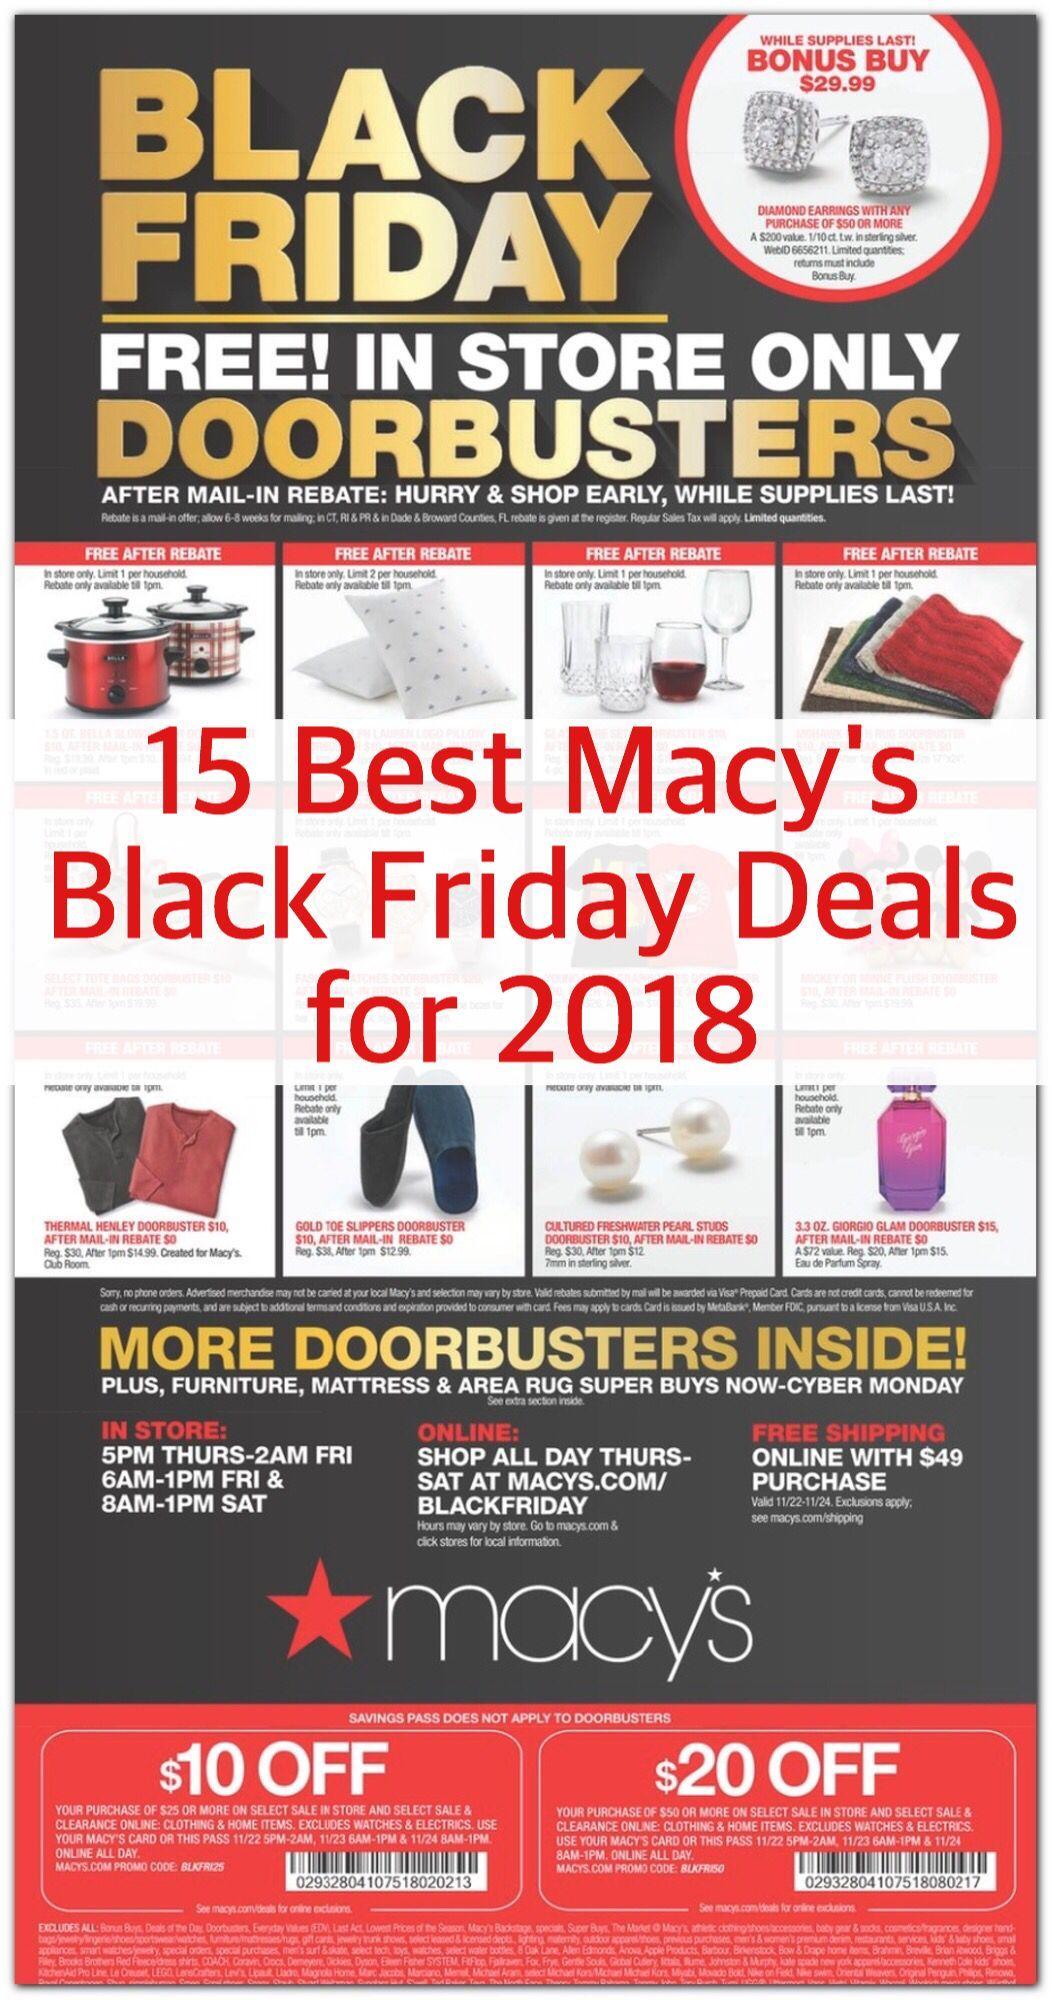 15 Best Macy S Black Friday Deals For 2018 Bradsdeals Macys Macysale Macysblackfriday Macysdeals Black Macys Black Friday Black Friday Deals Black Friday